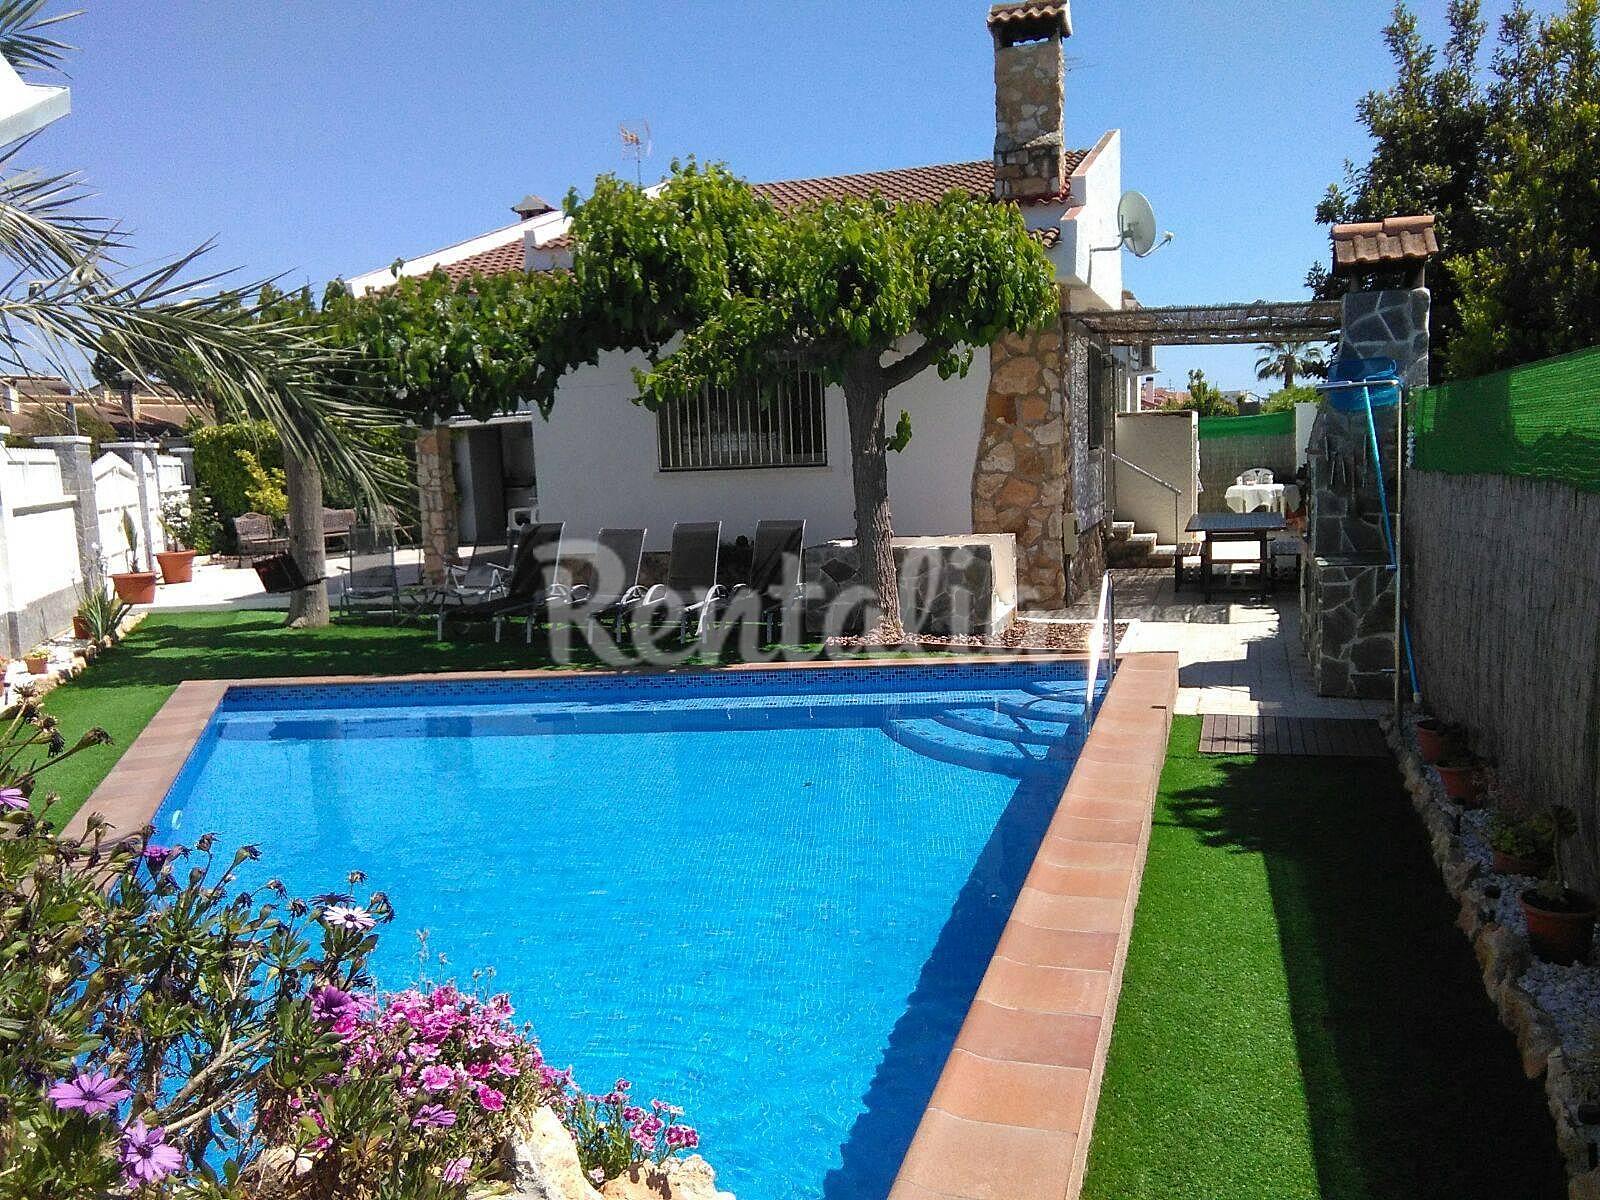 Casa con piscina privada en la costa dorada creixell for Camping con piscina climatizada en tarragona